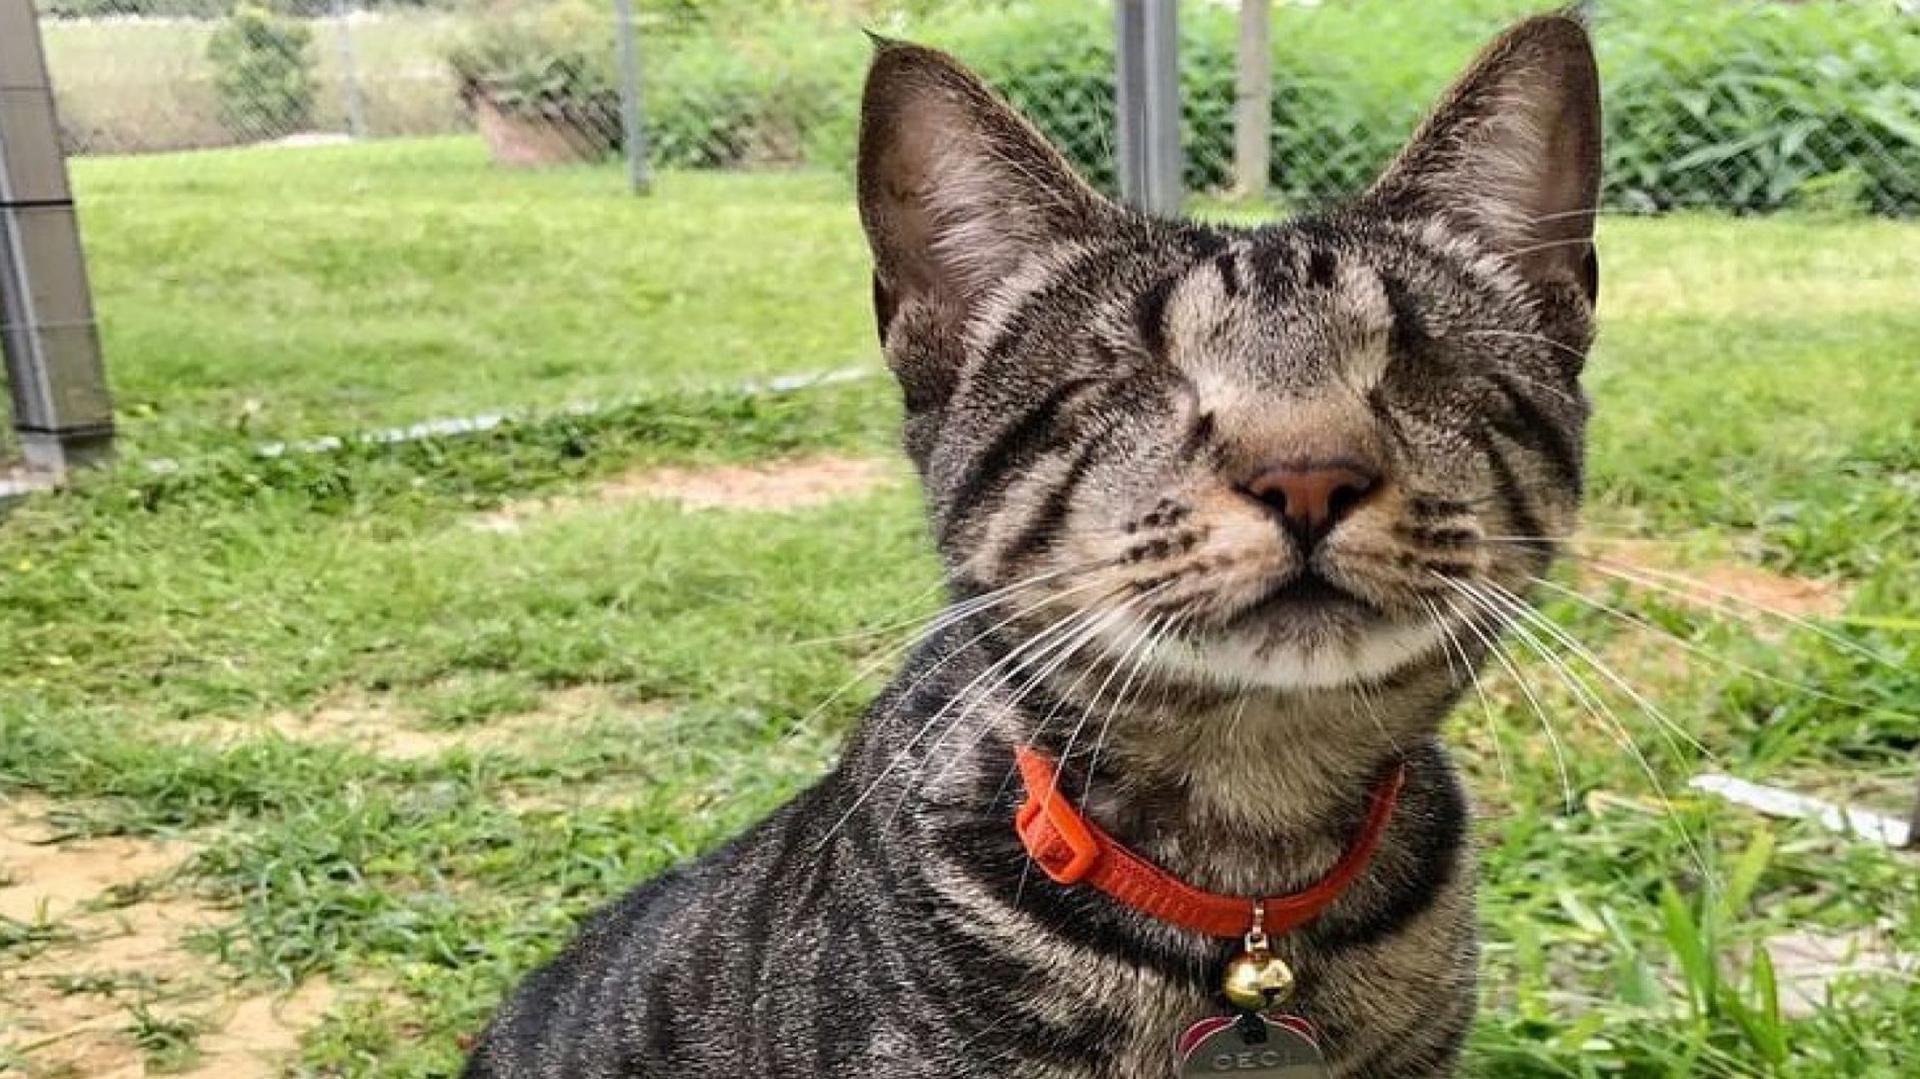 Los gatos con ceguera pueden adaptarse fácilmente (Foto:@cats.sads/ Instagram)